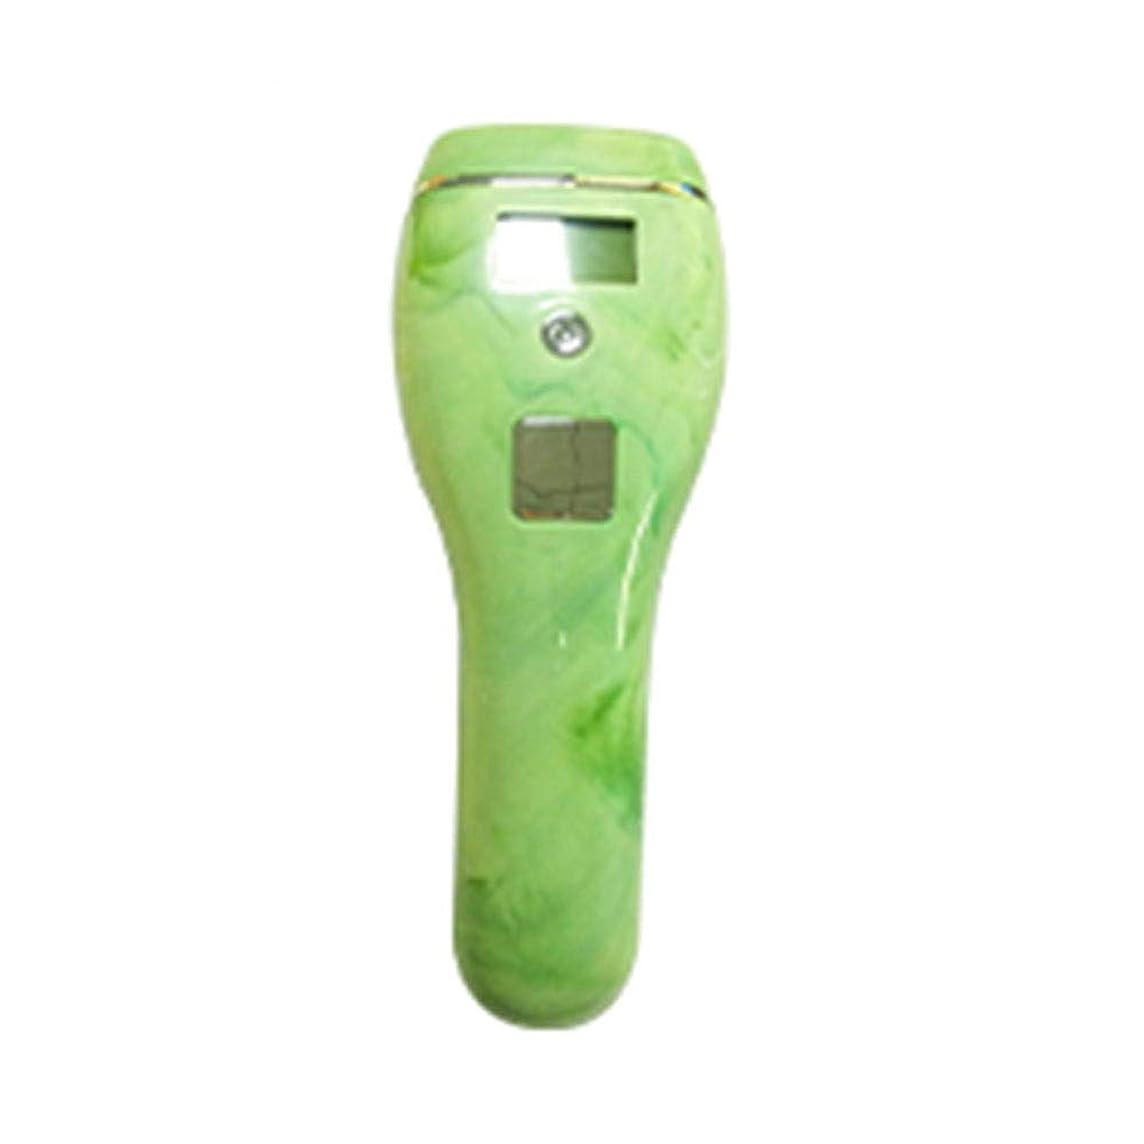 冗談で柱ブースXihouxian 自動肌のカラーセンシング、グリーン、5速調整、クォーツチューブ、携帯用痛みのない全身凍結乾燥用除湿器、サイズ19x7x5cm D40 (Color : Green)